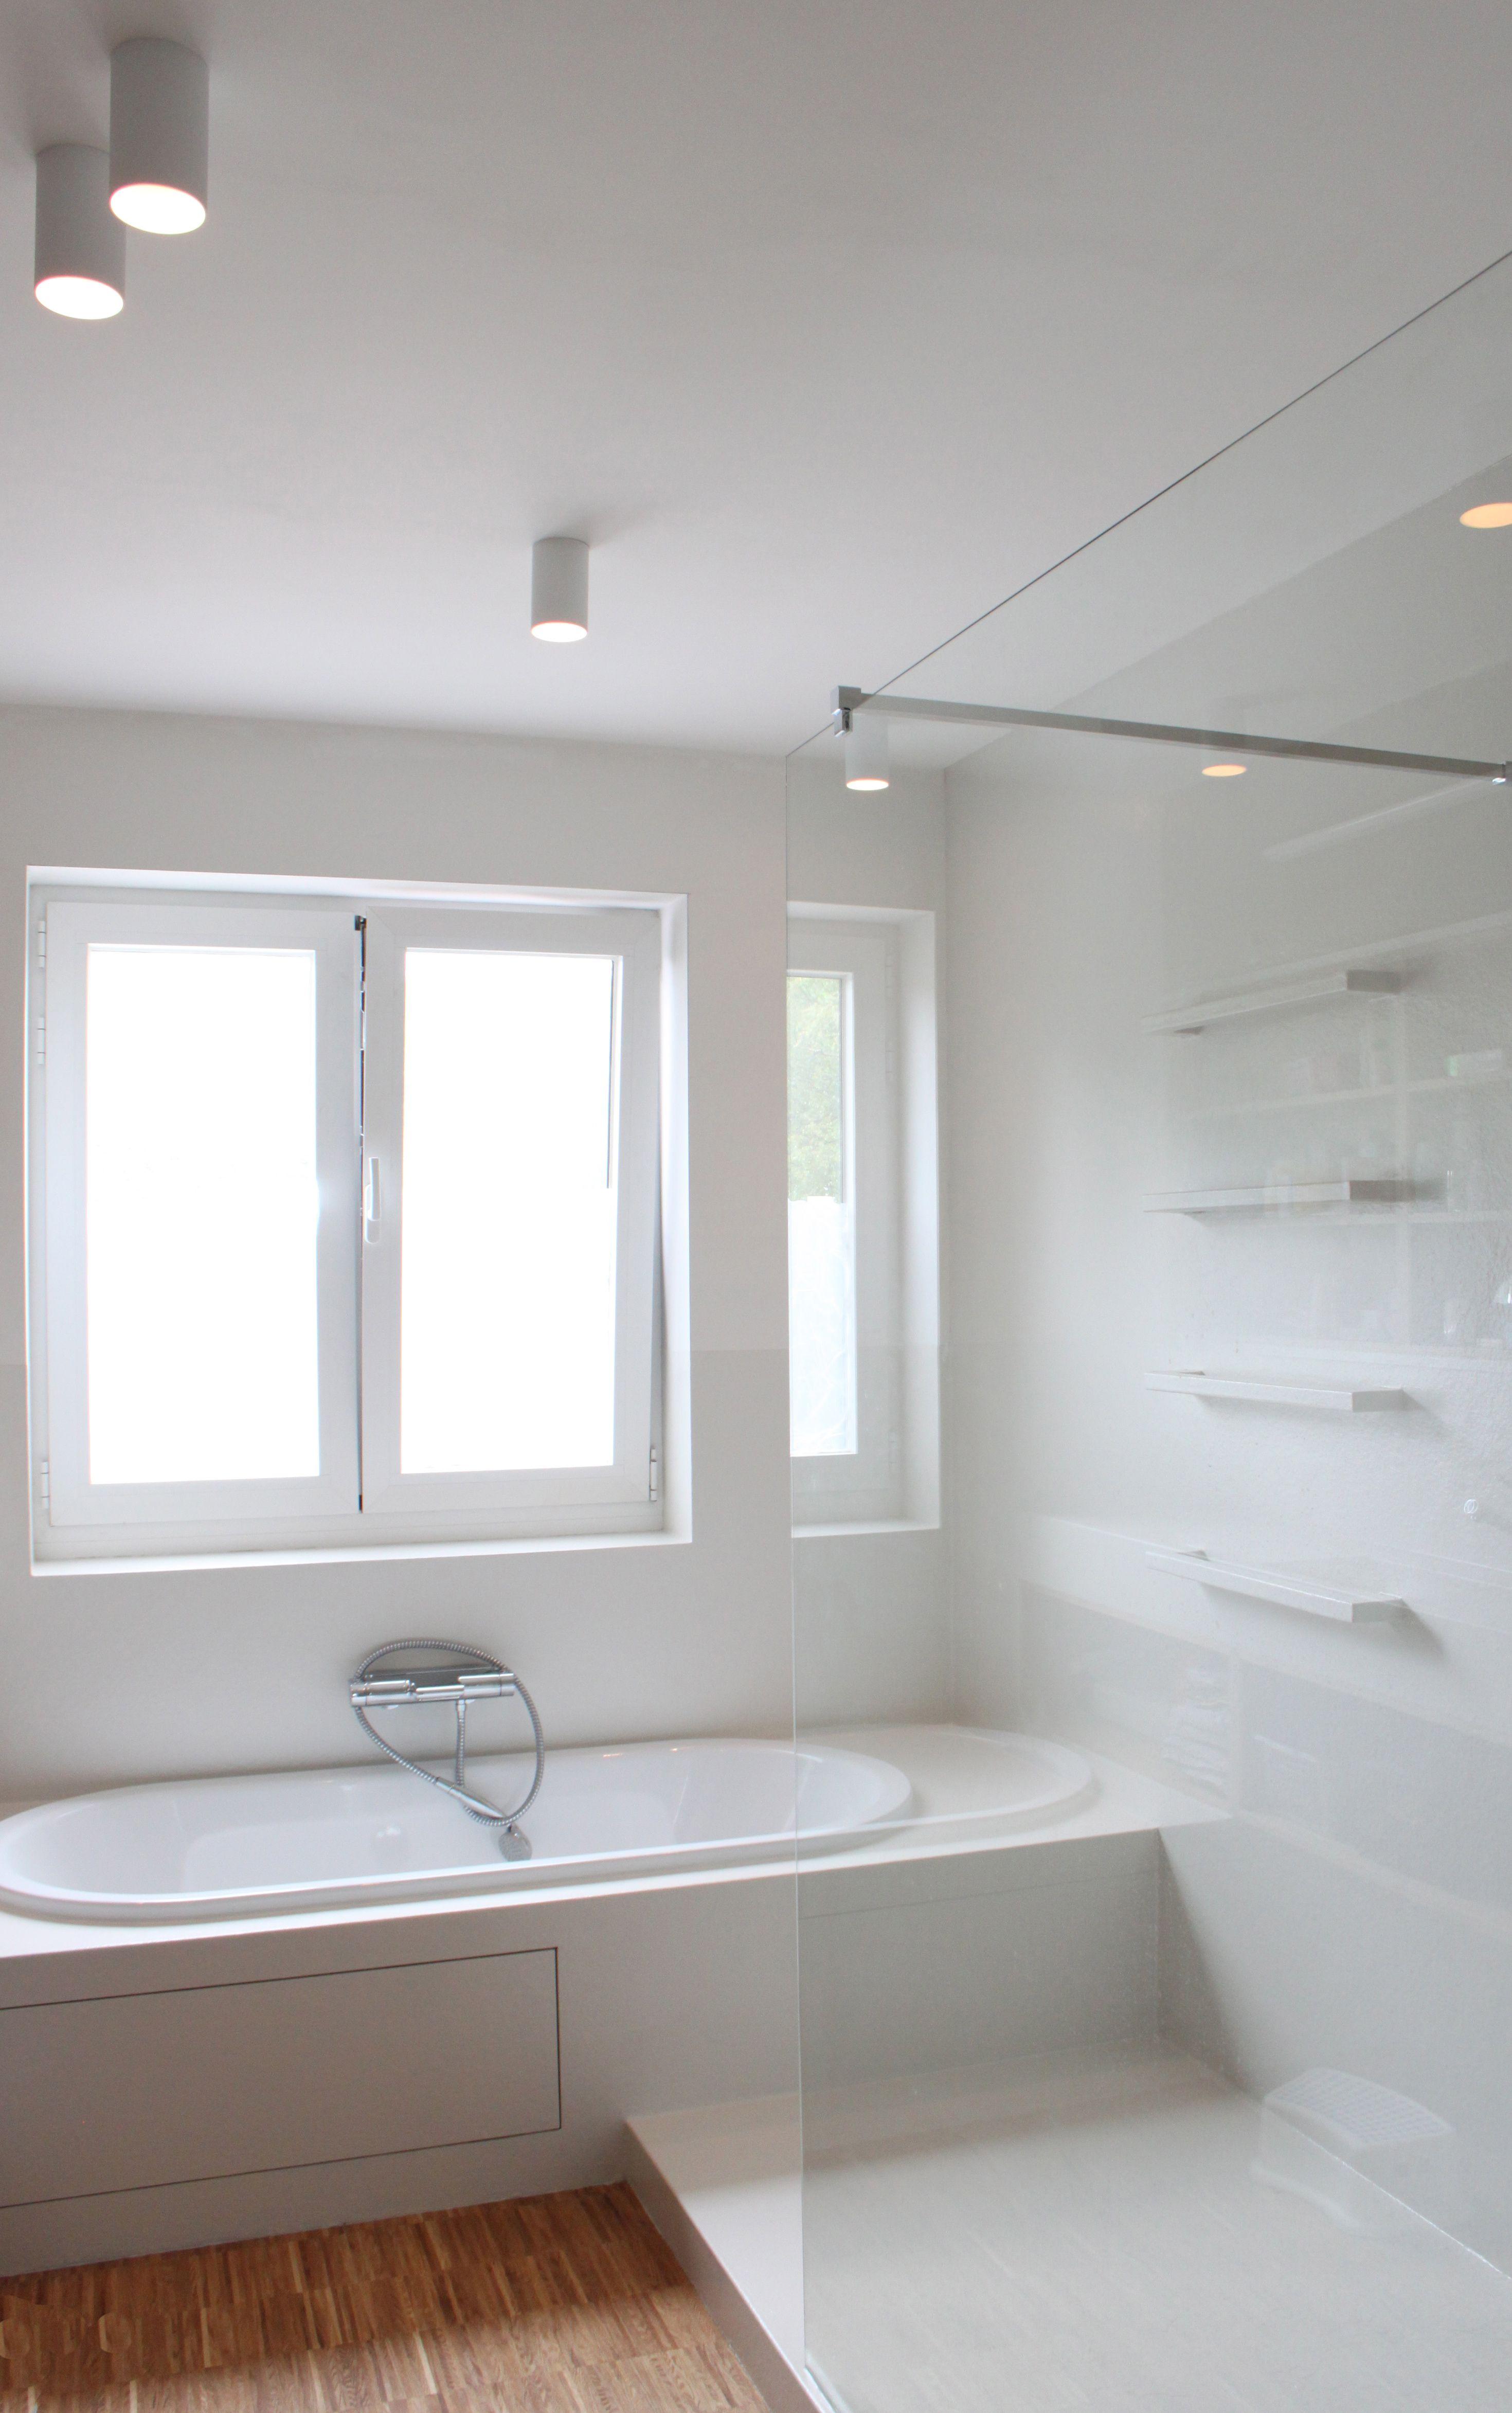 studio k - inrichten badkamer Mechelen 2014 (badkamer, bathroom, eik ...